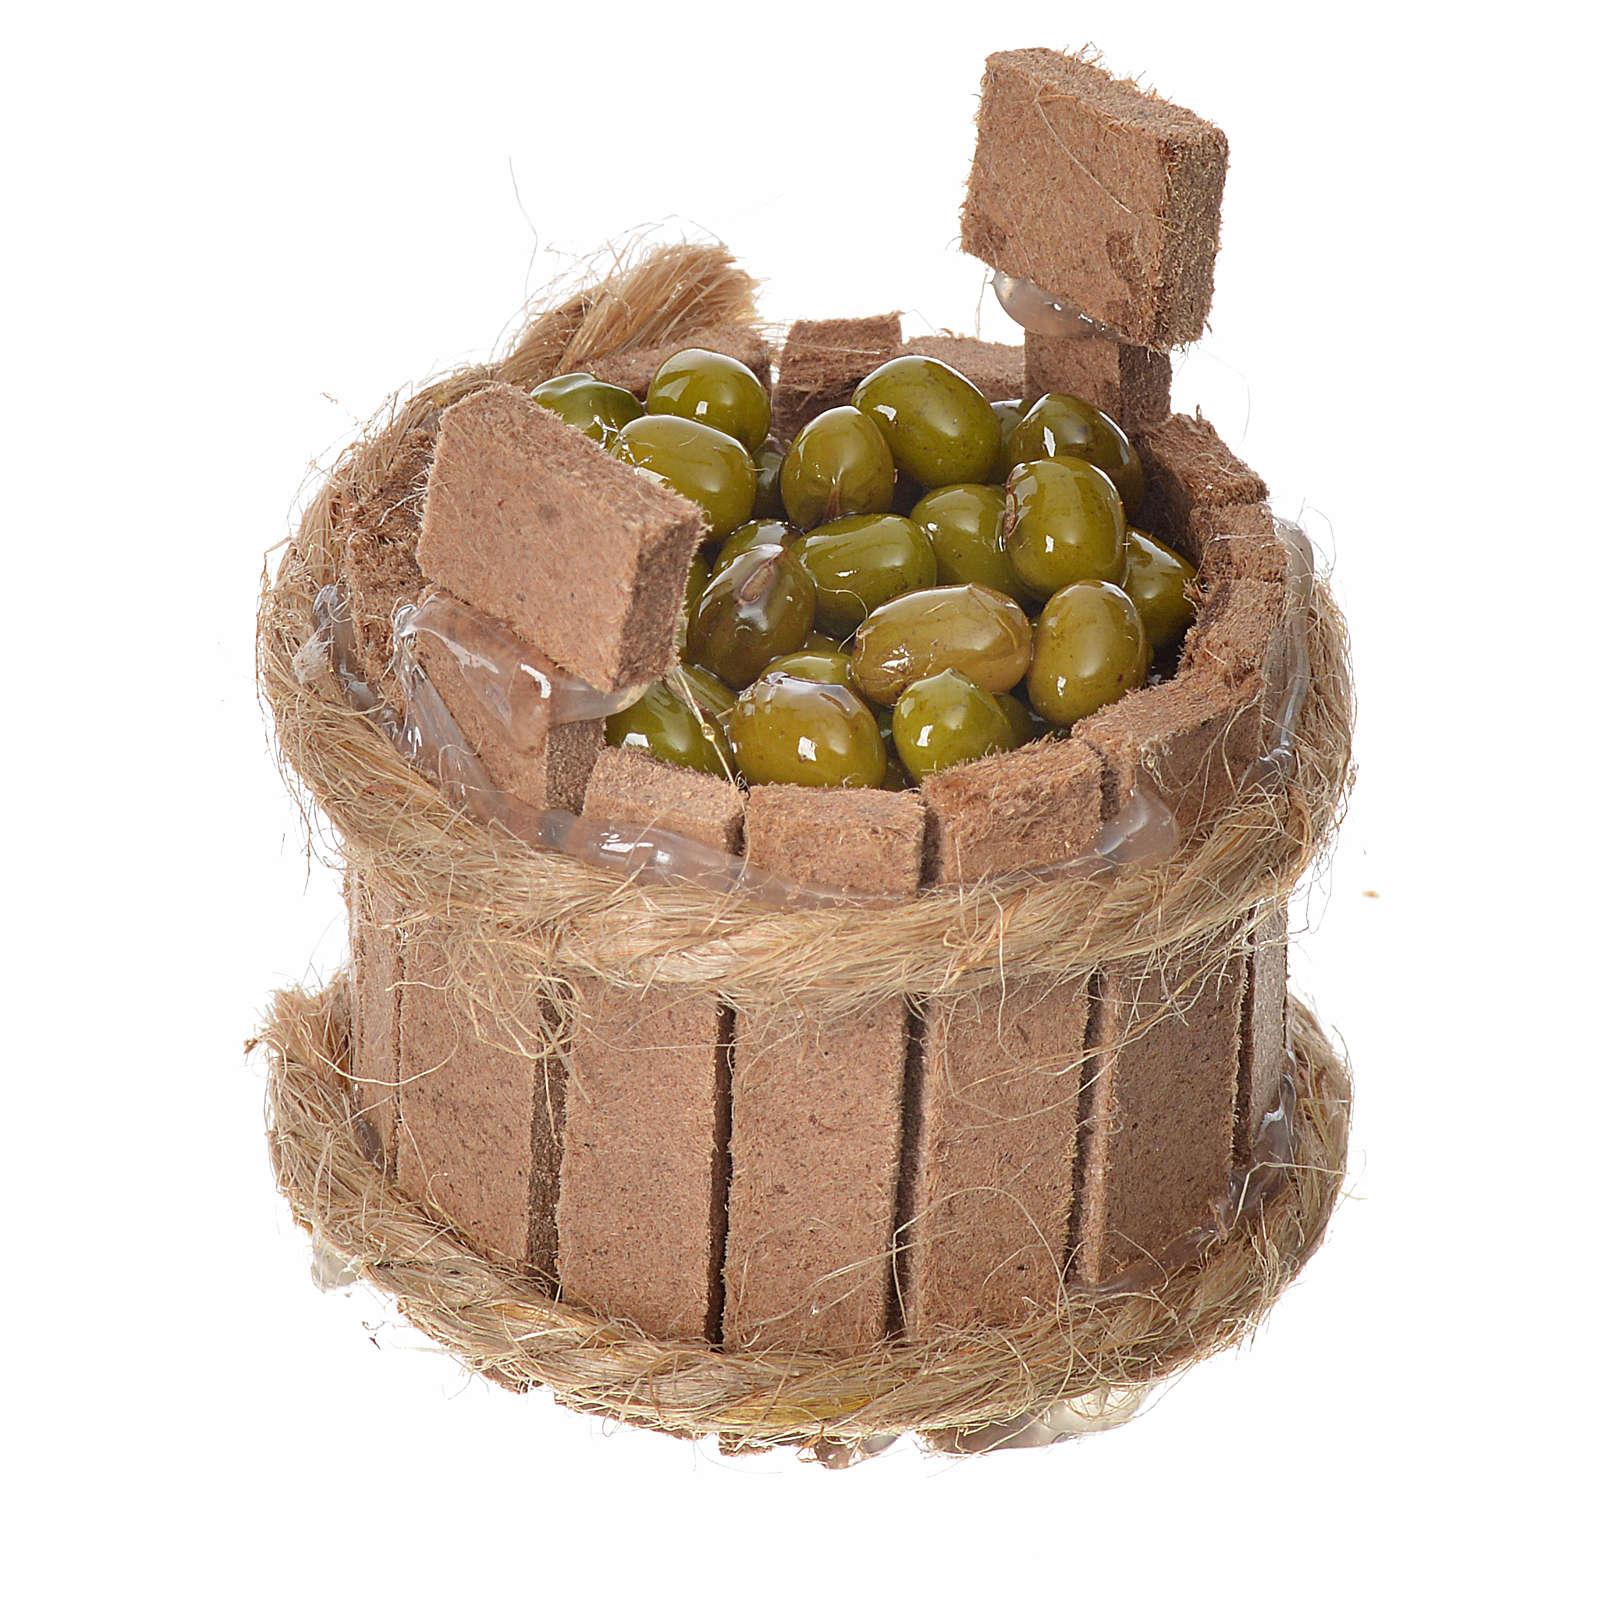 Cuve en bois avec olives pour crèche h 3,5cm 4